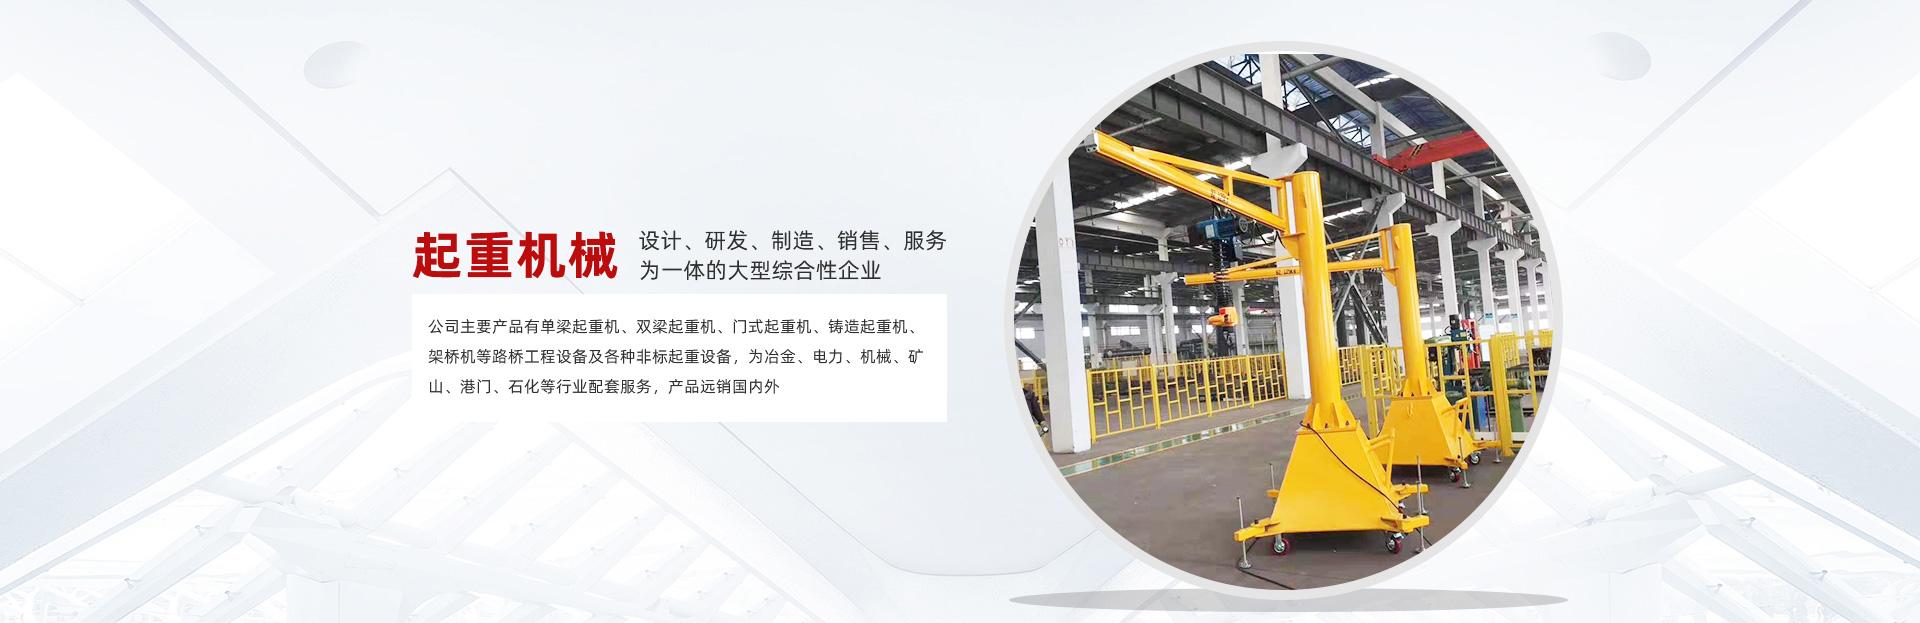 上海起重机维修